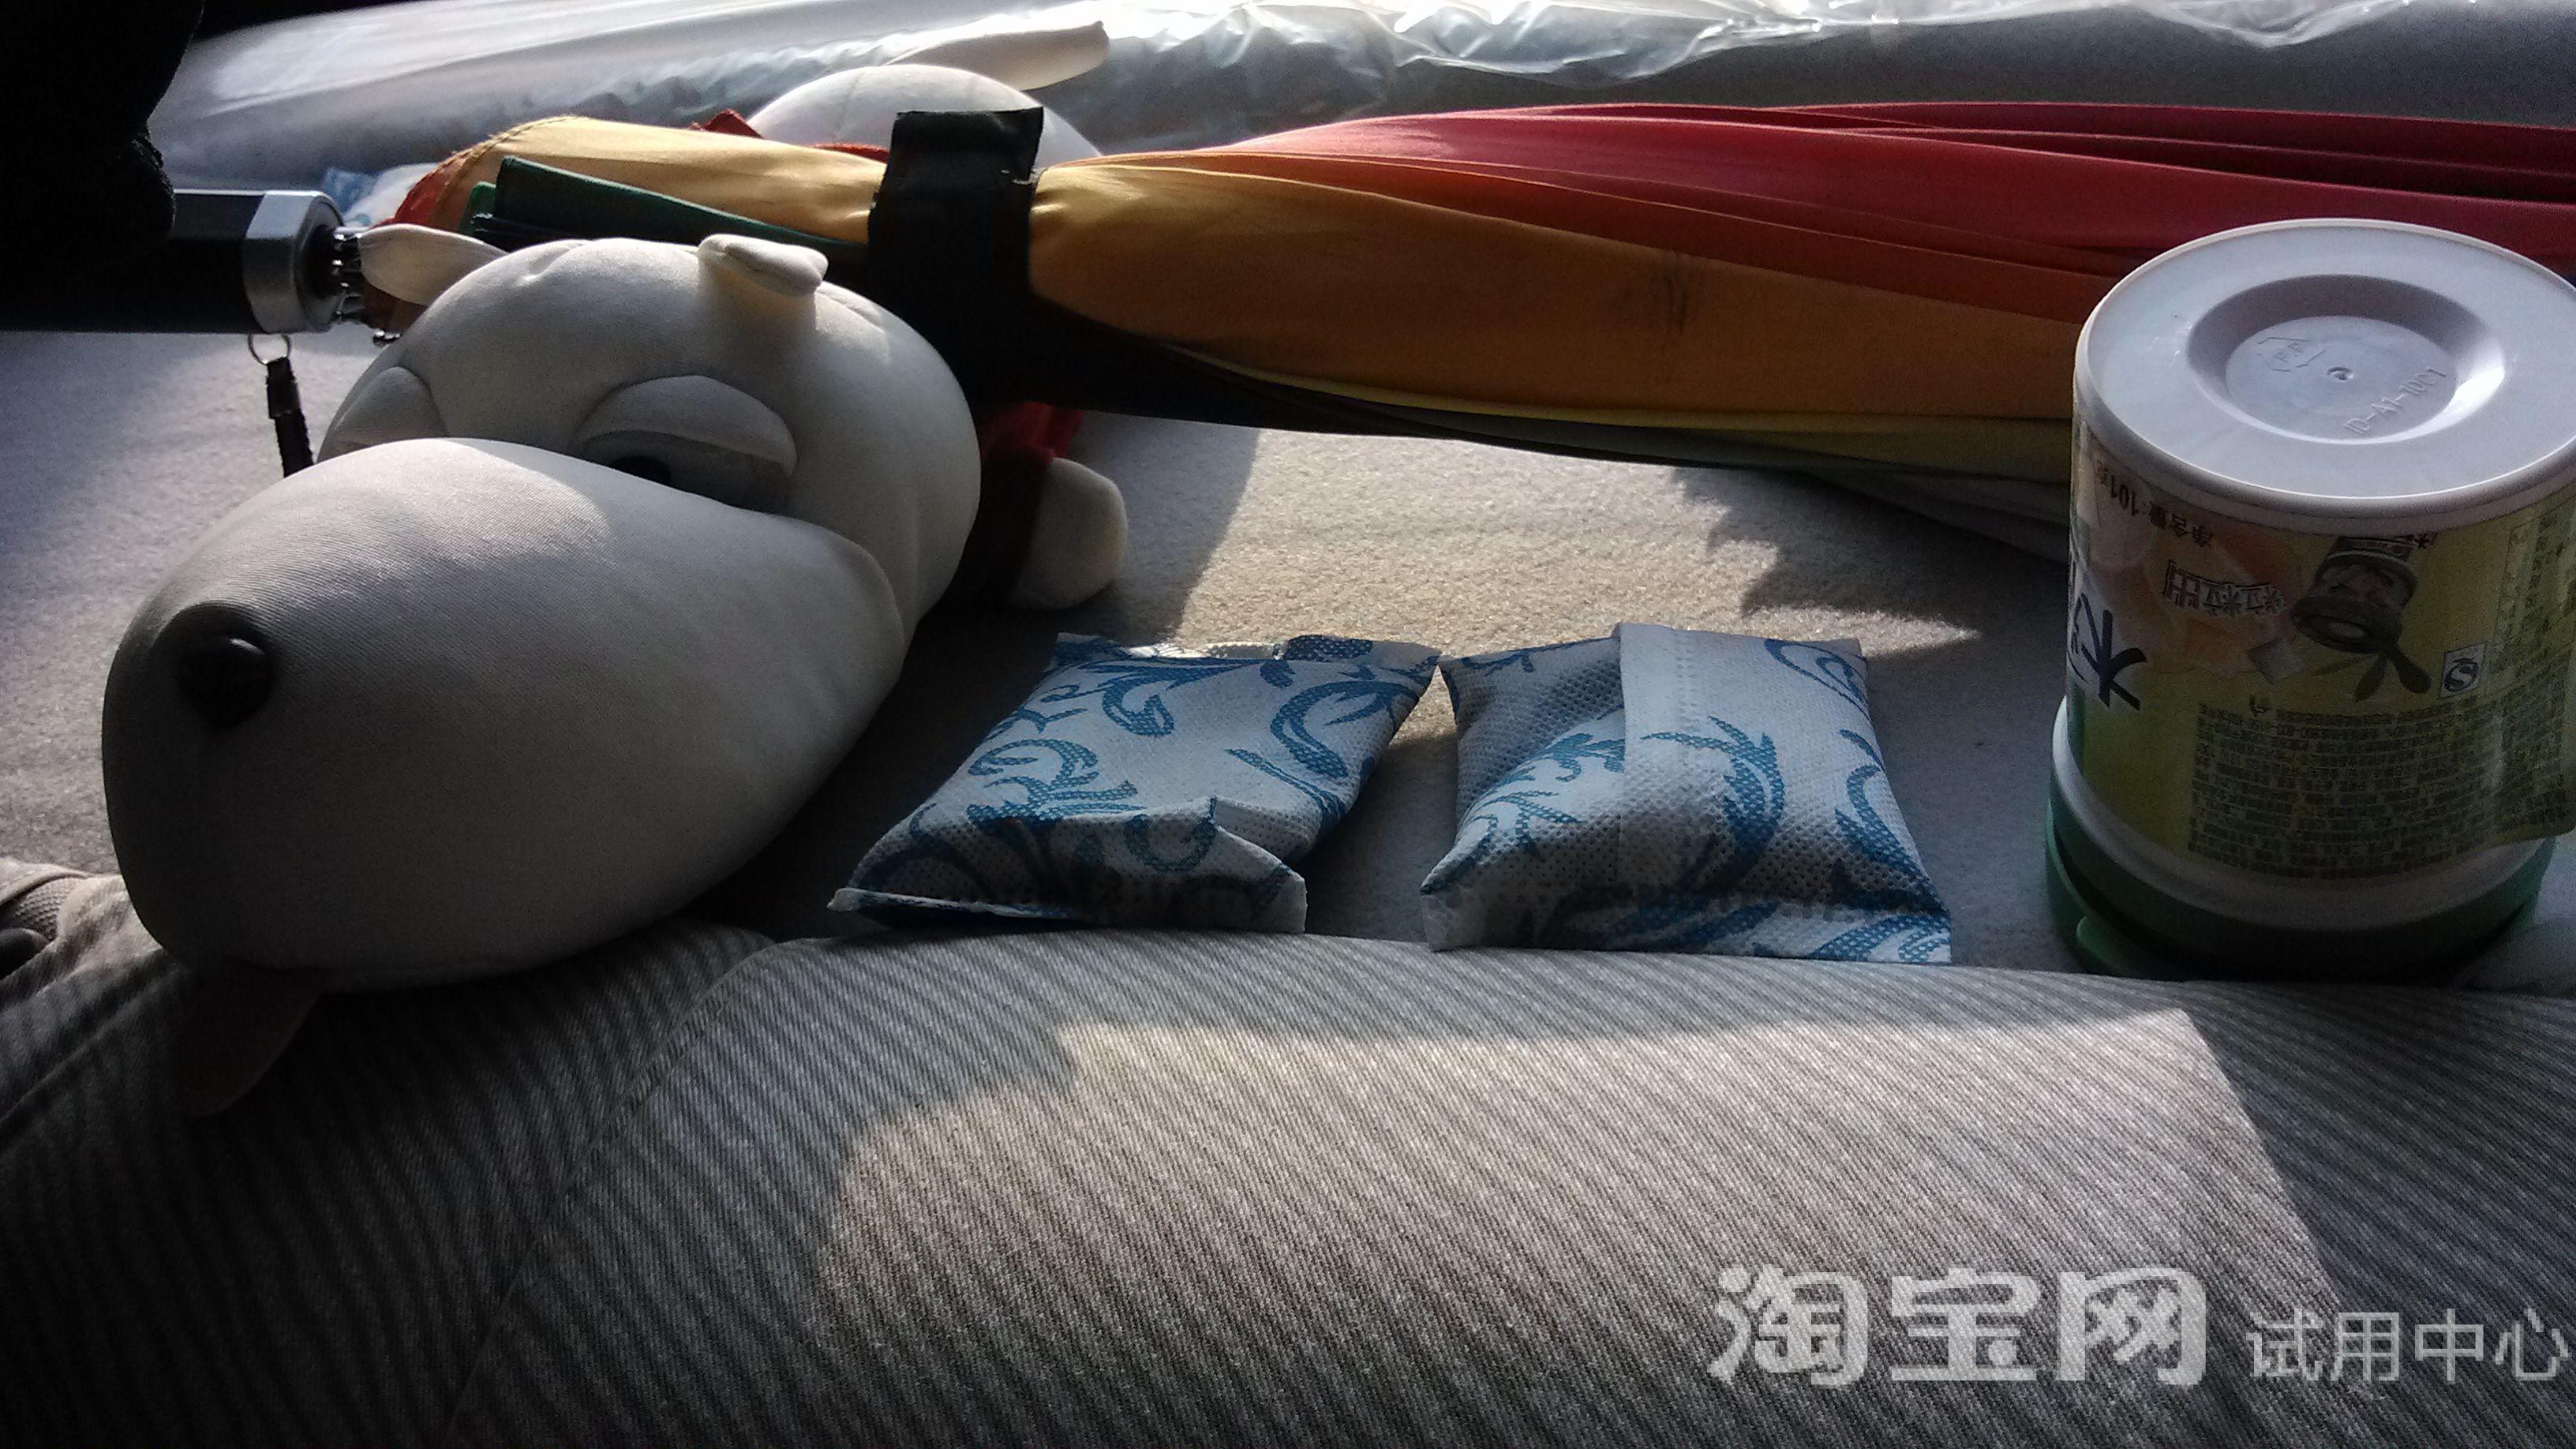 玛雅蓝车用空气净化剂除甲醛去气味真是意外的惊喜